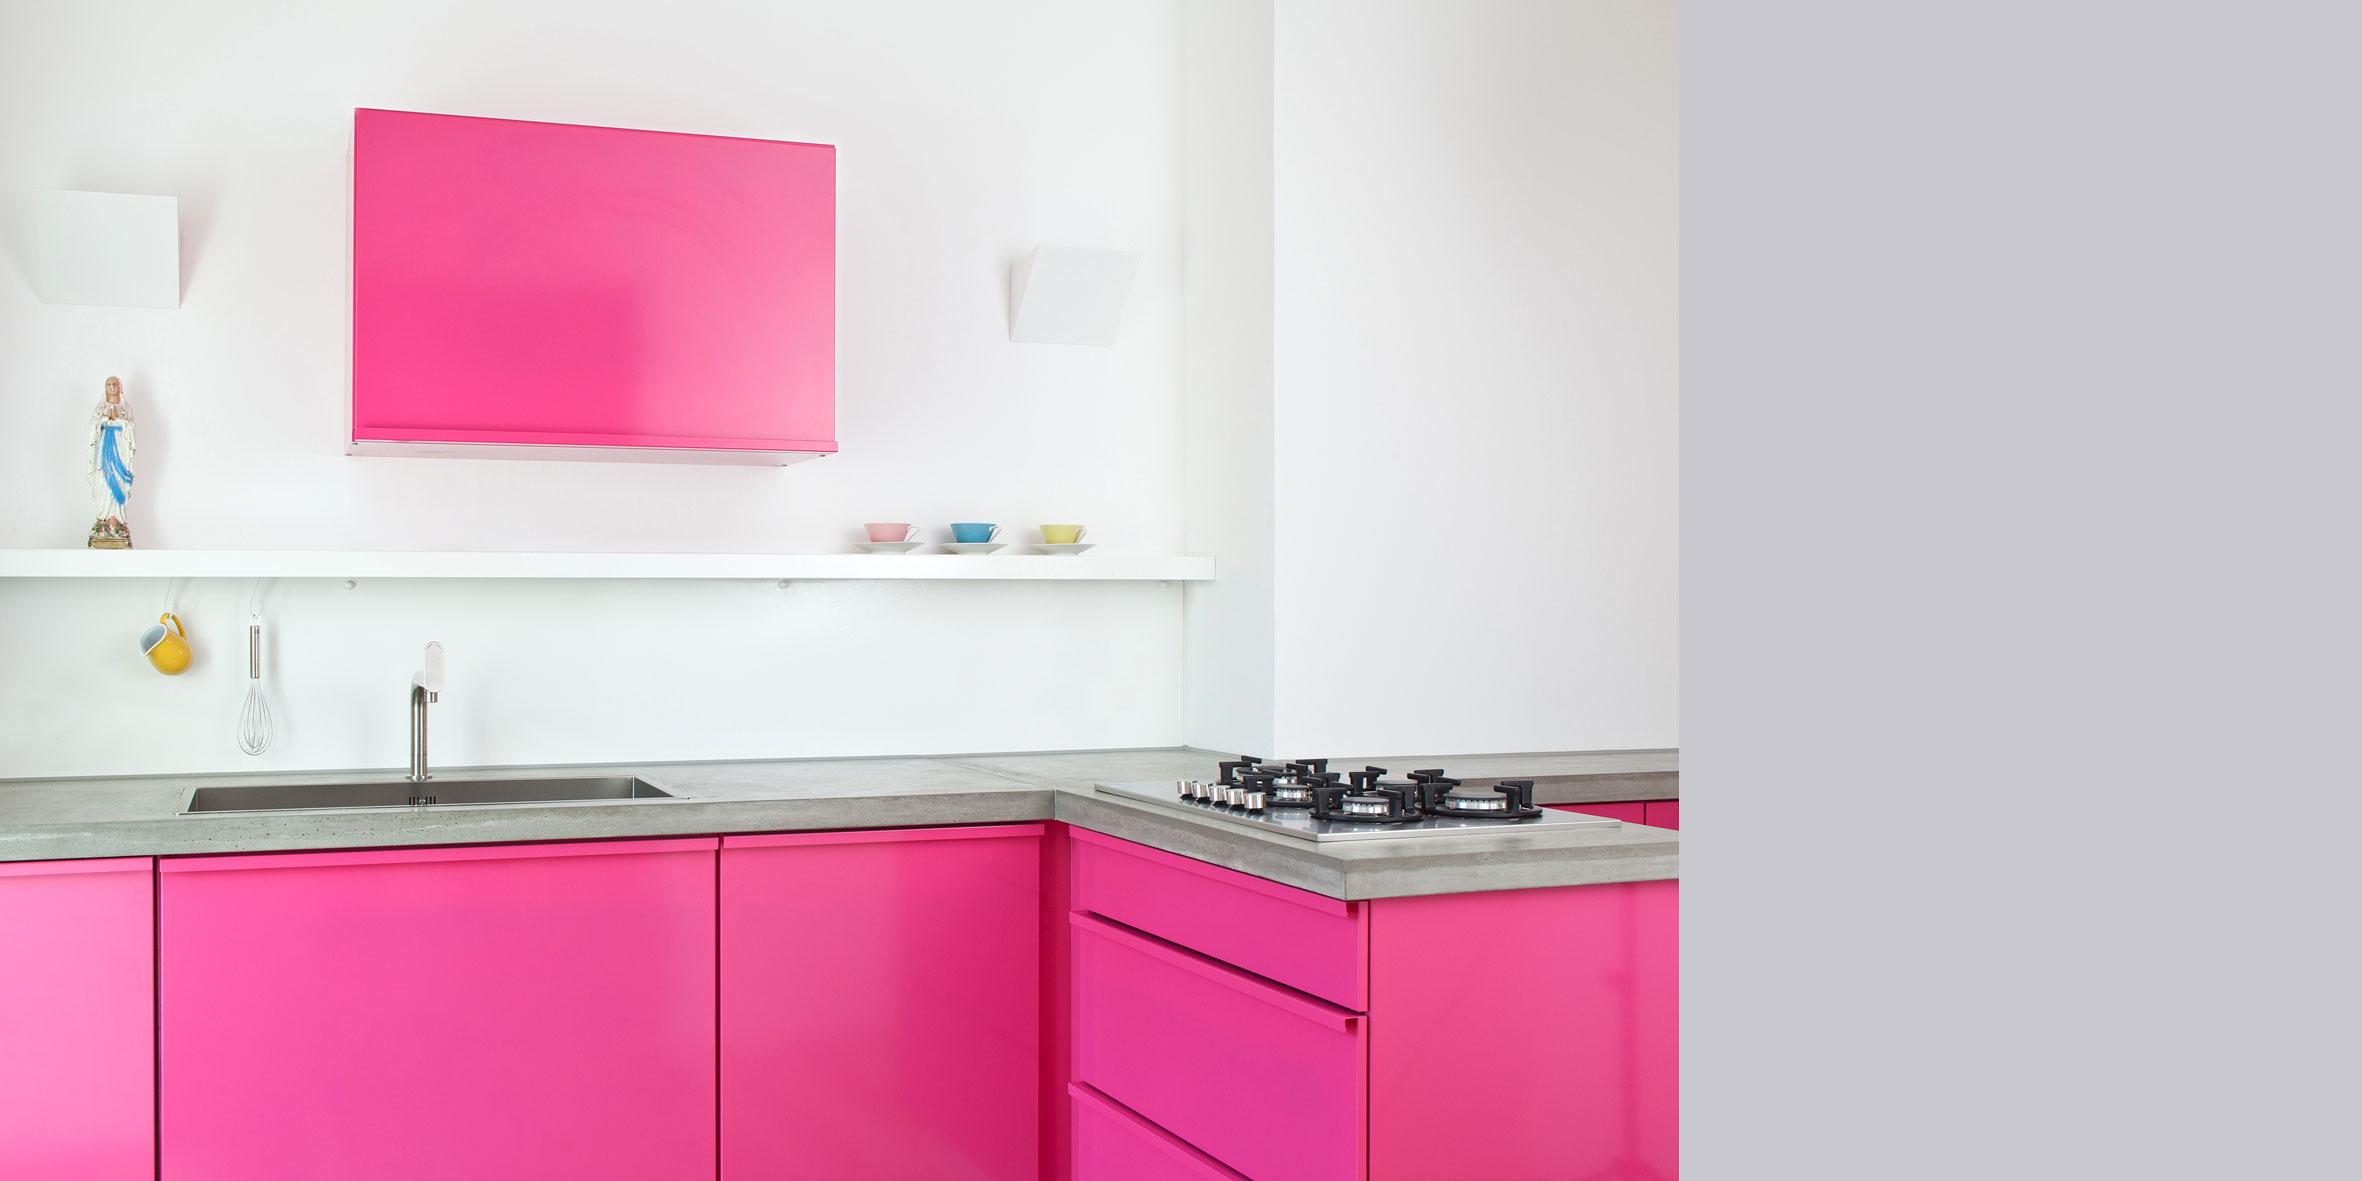 kchen jan kulke fotografie - Kuche In Pink